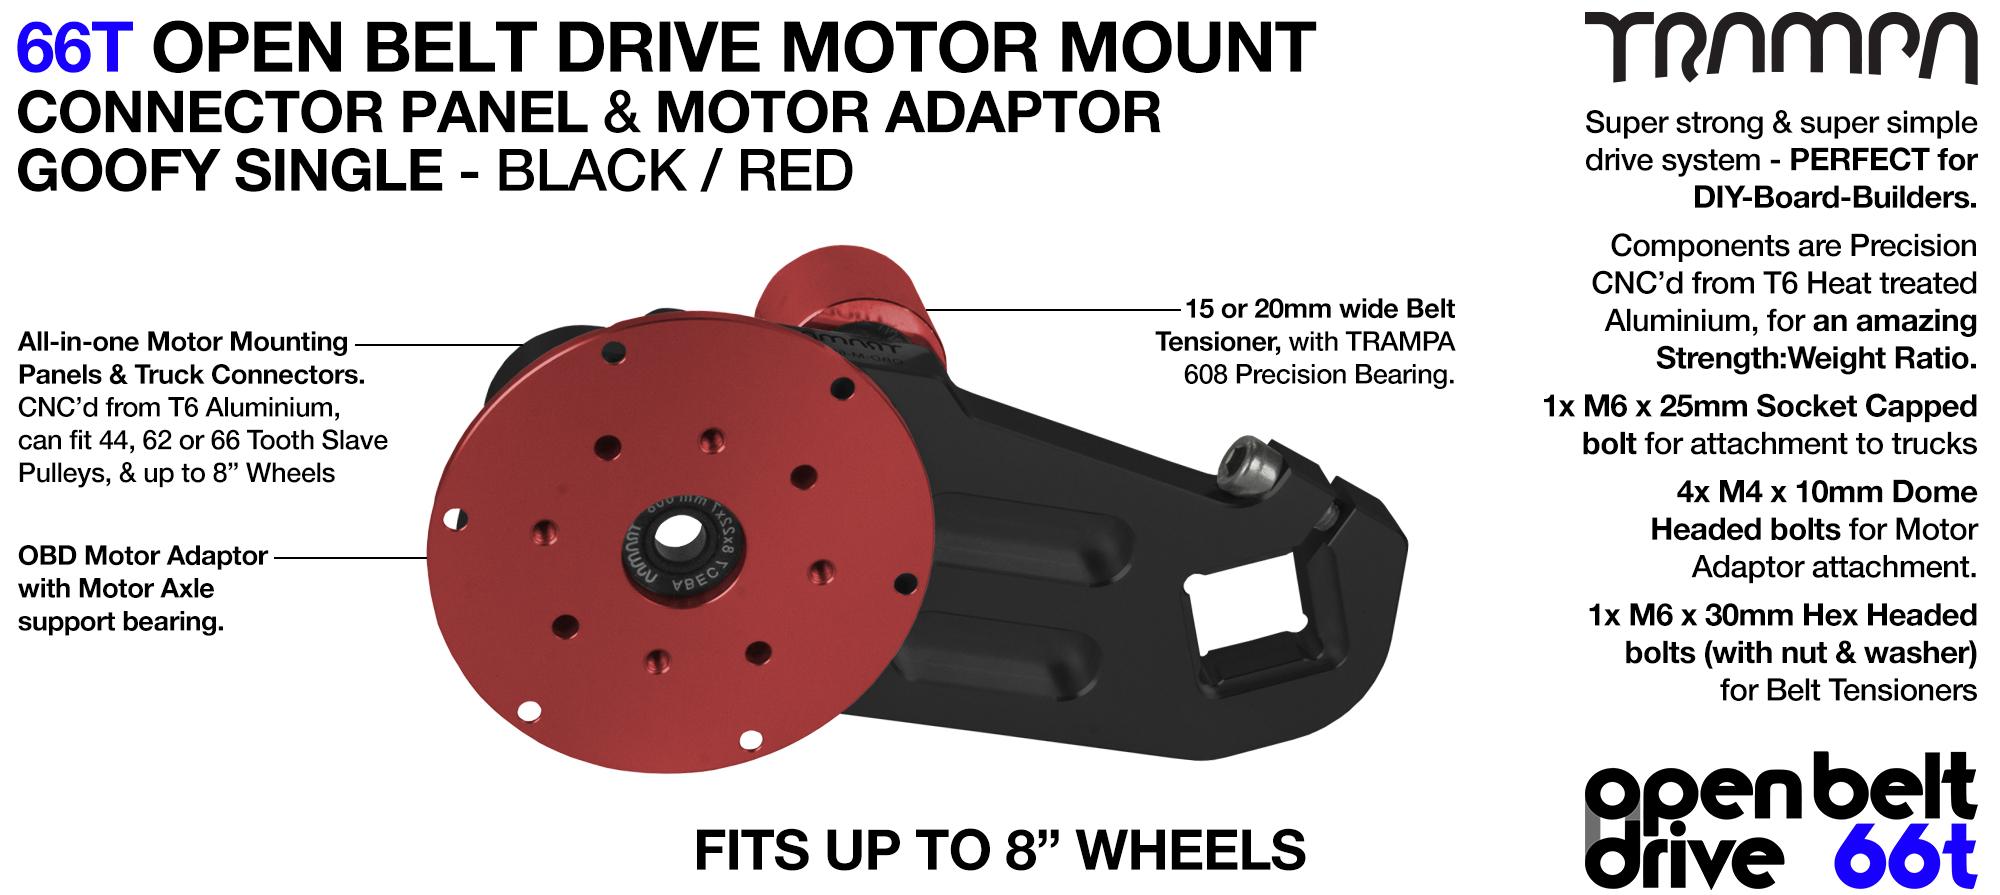 66T OPEN BELT DRIVE Motor Mount & Motor Adaptor - SINGLE RED